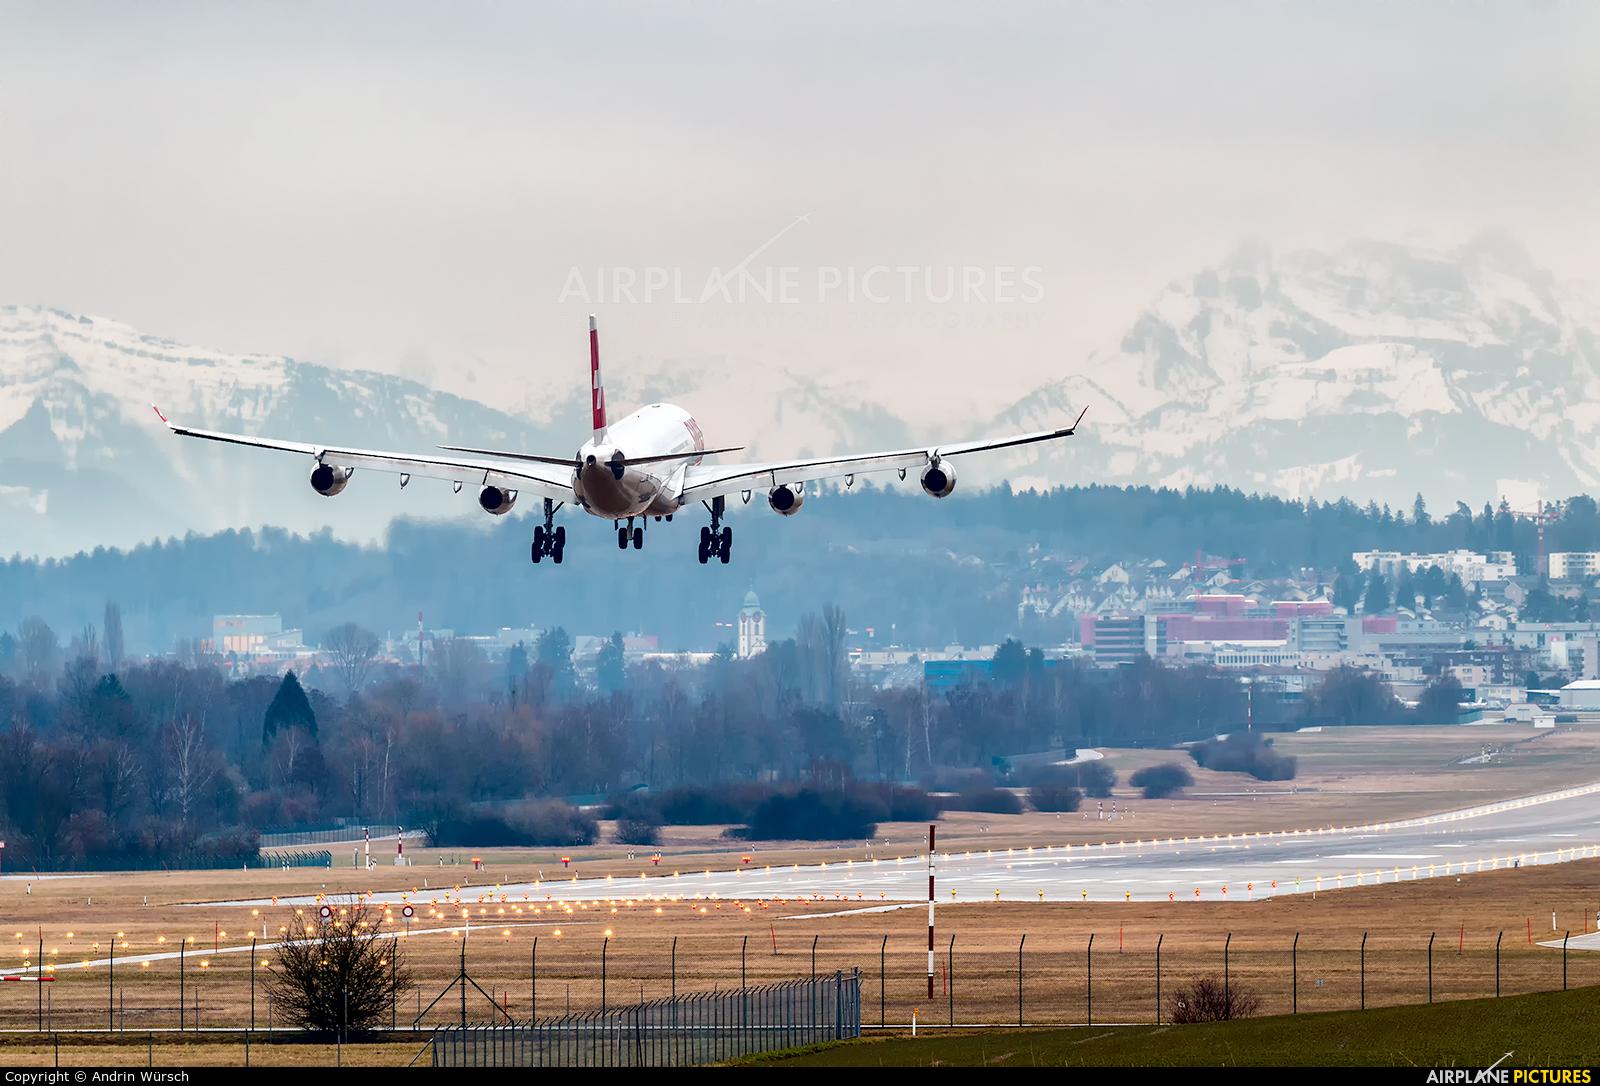 Swiss HB-JMD aircraft at Zurich